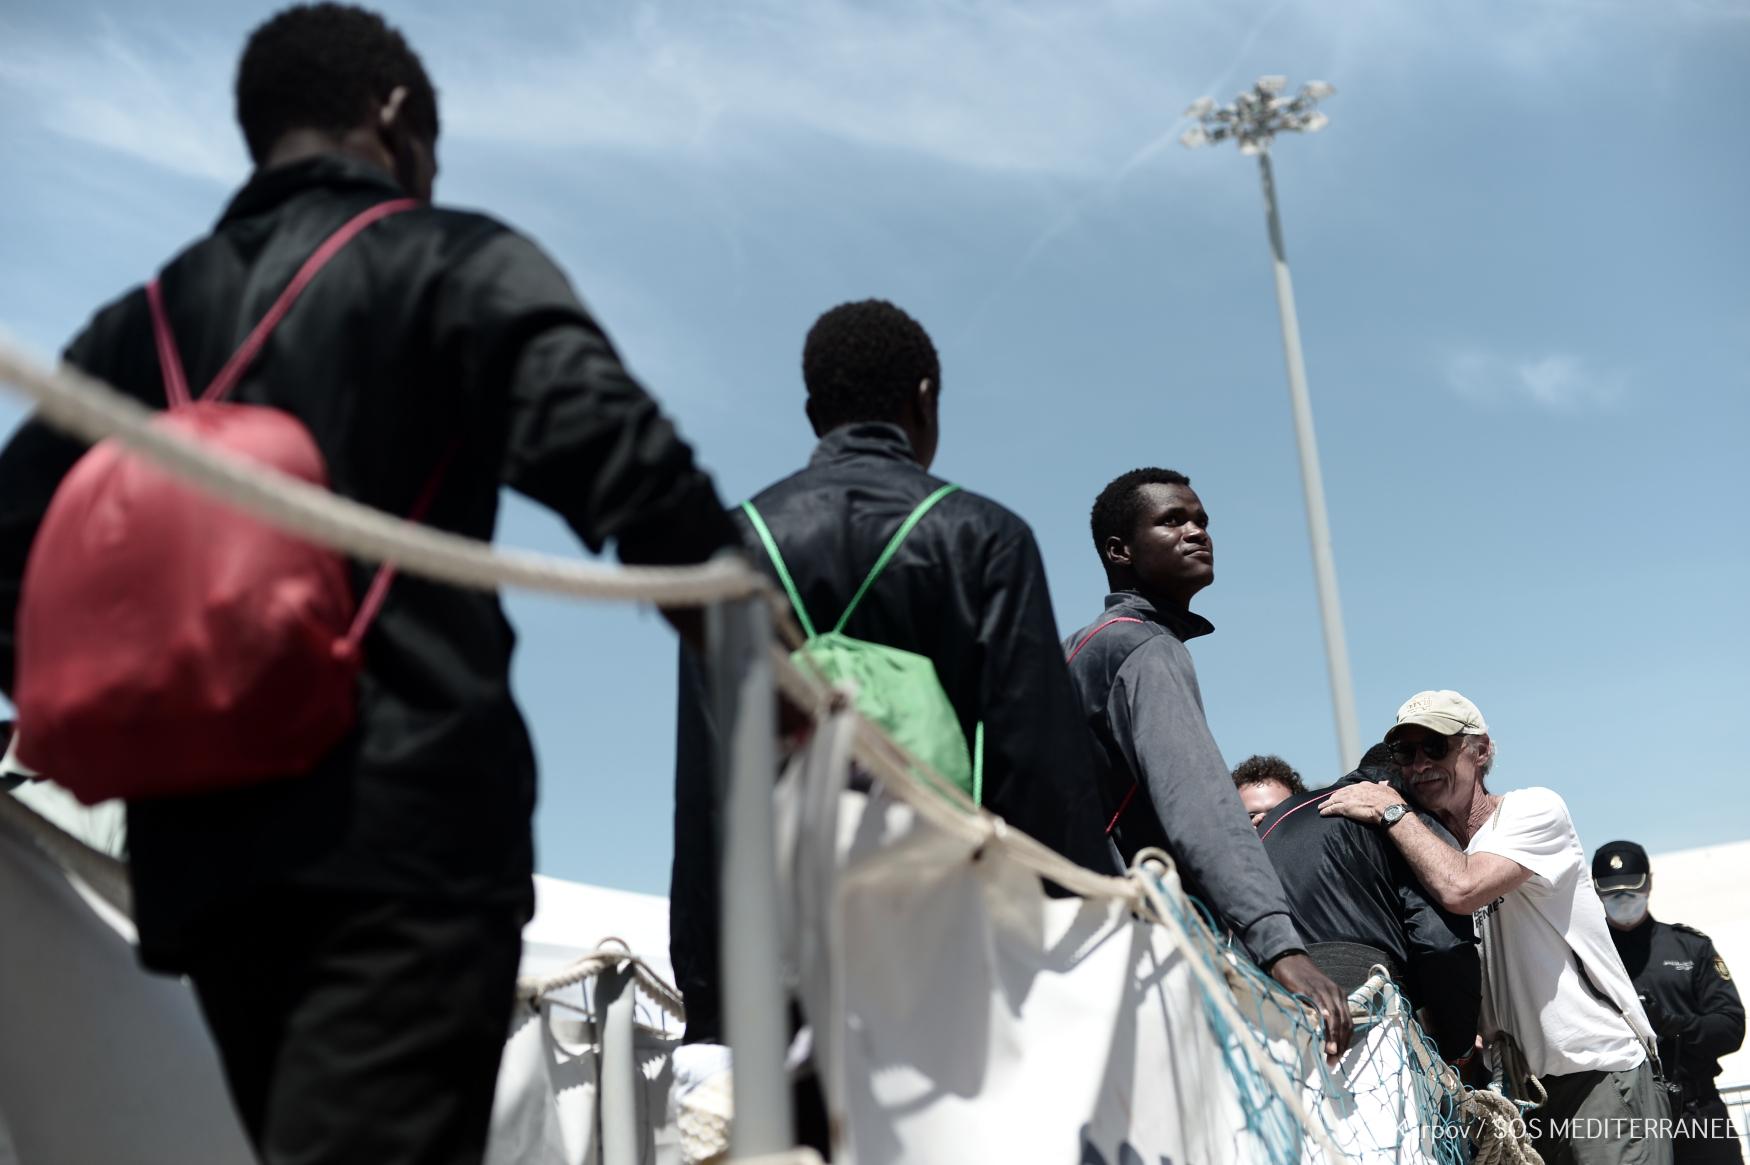 Uprchlíci (ilustrační foto)